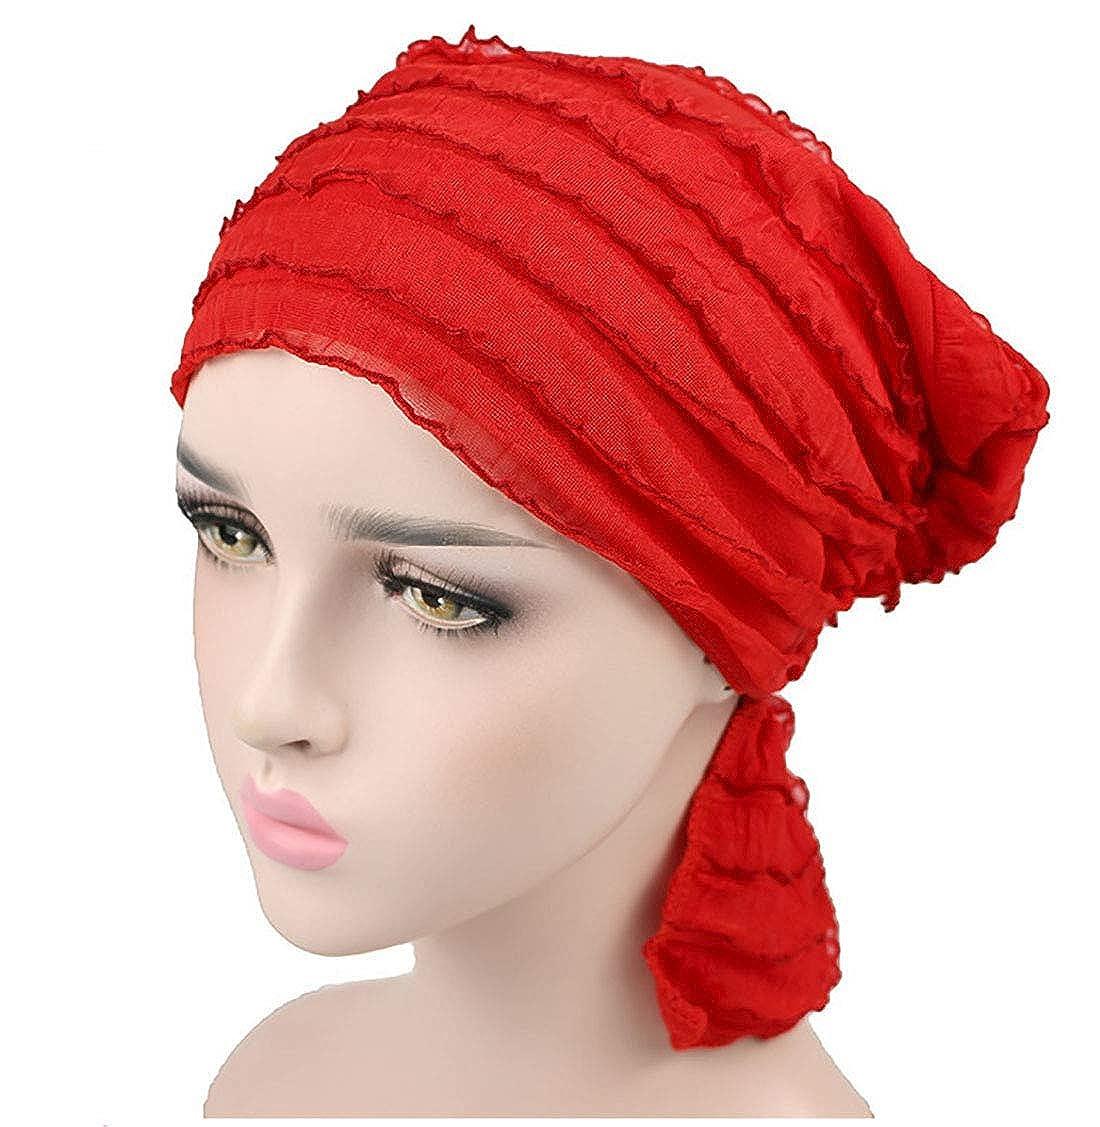 Cancro Sonno Boomly Elegante Berretto Turbante Copricapo Cappellino per Chemioterapia in Chiffon Wrap Testa Fascia Turbante per Chemio Musulmano Perdita dei Capelli